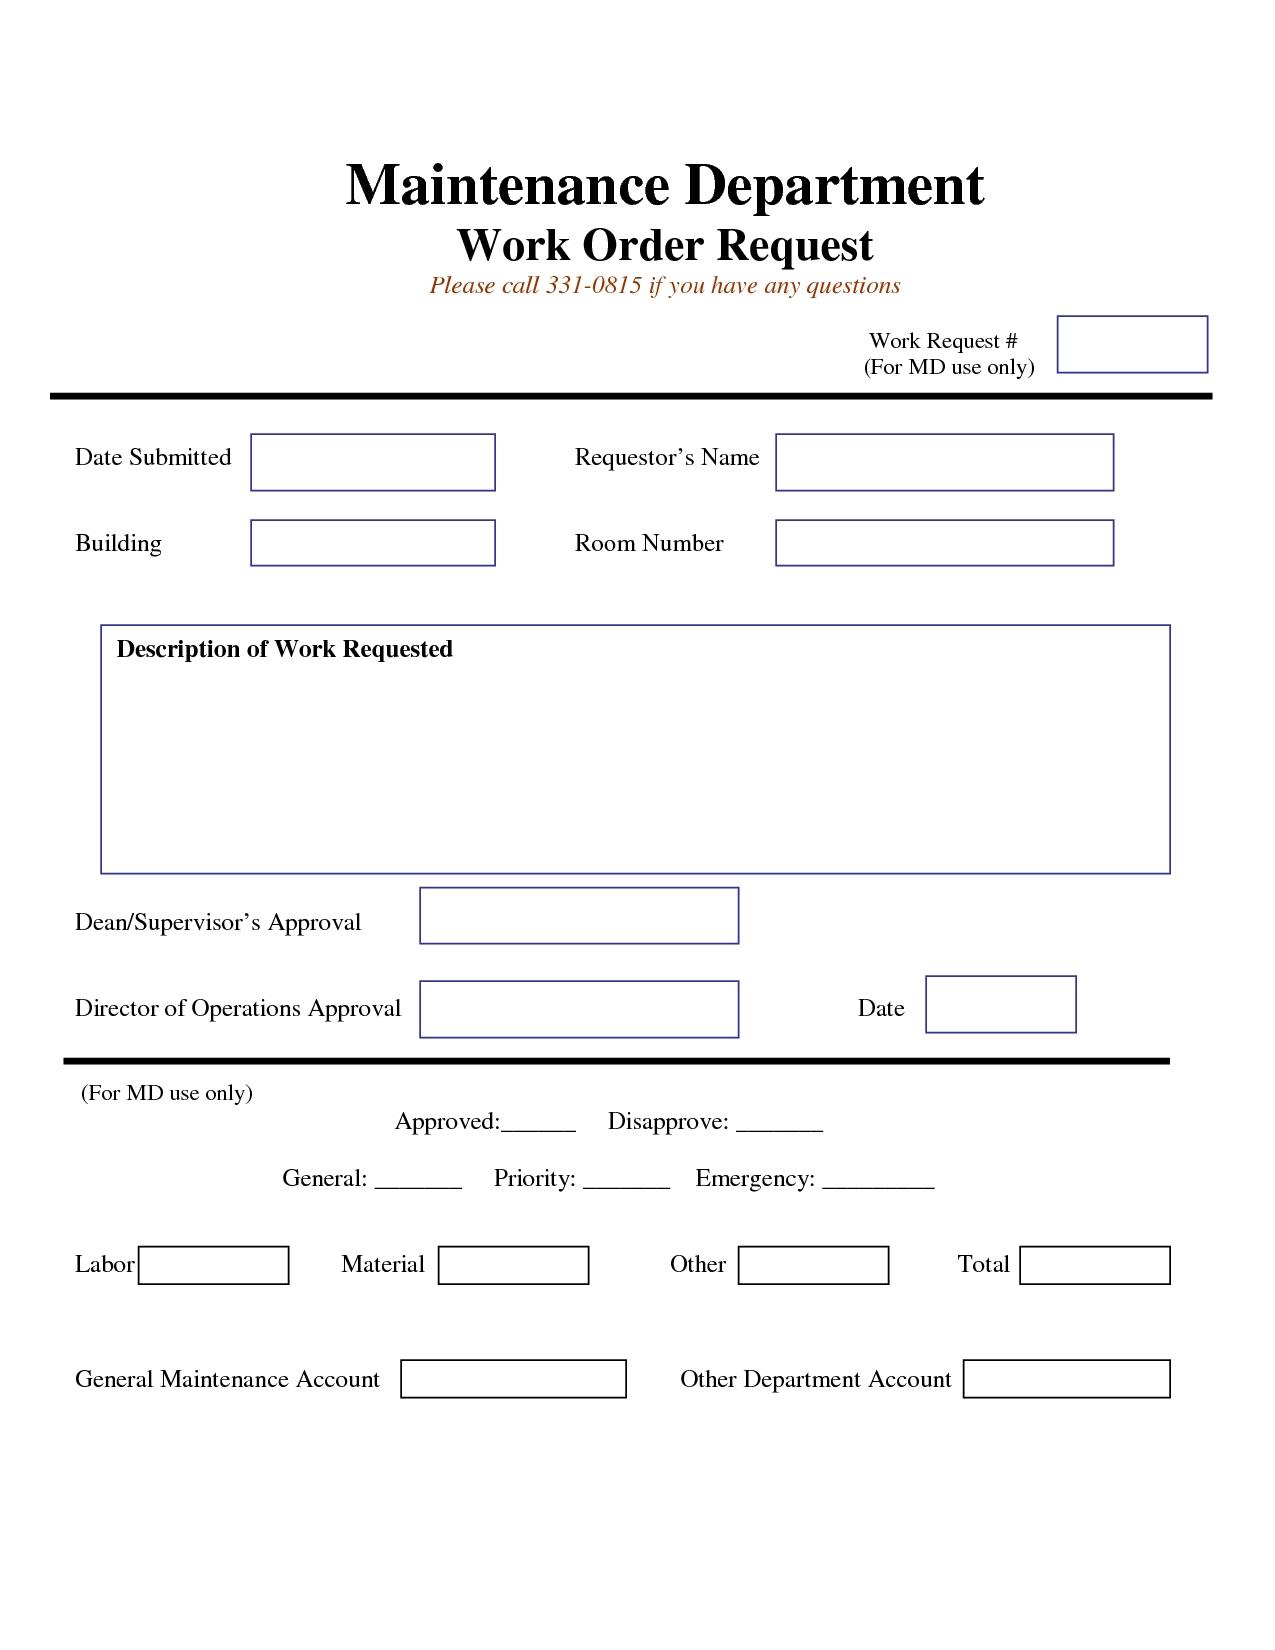 Work Request Form Maintenance Work Order Request Form Work